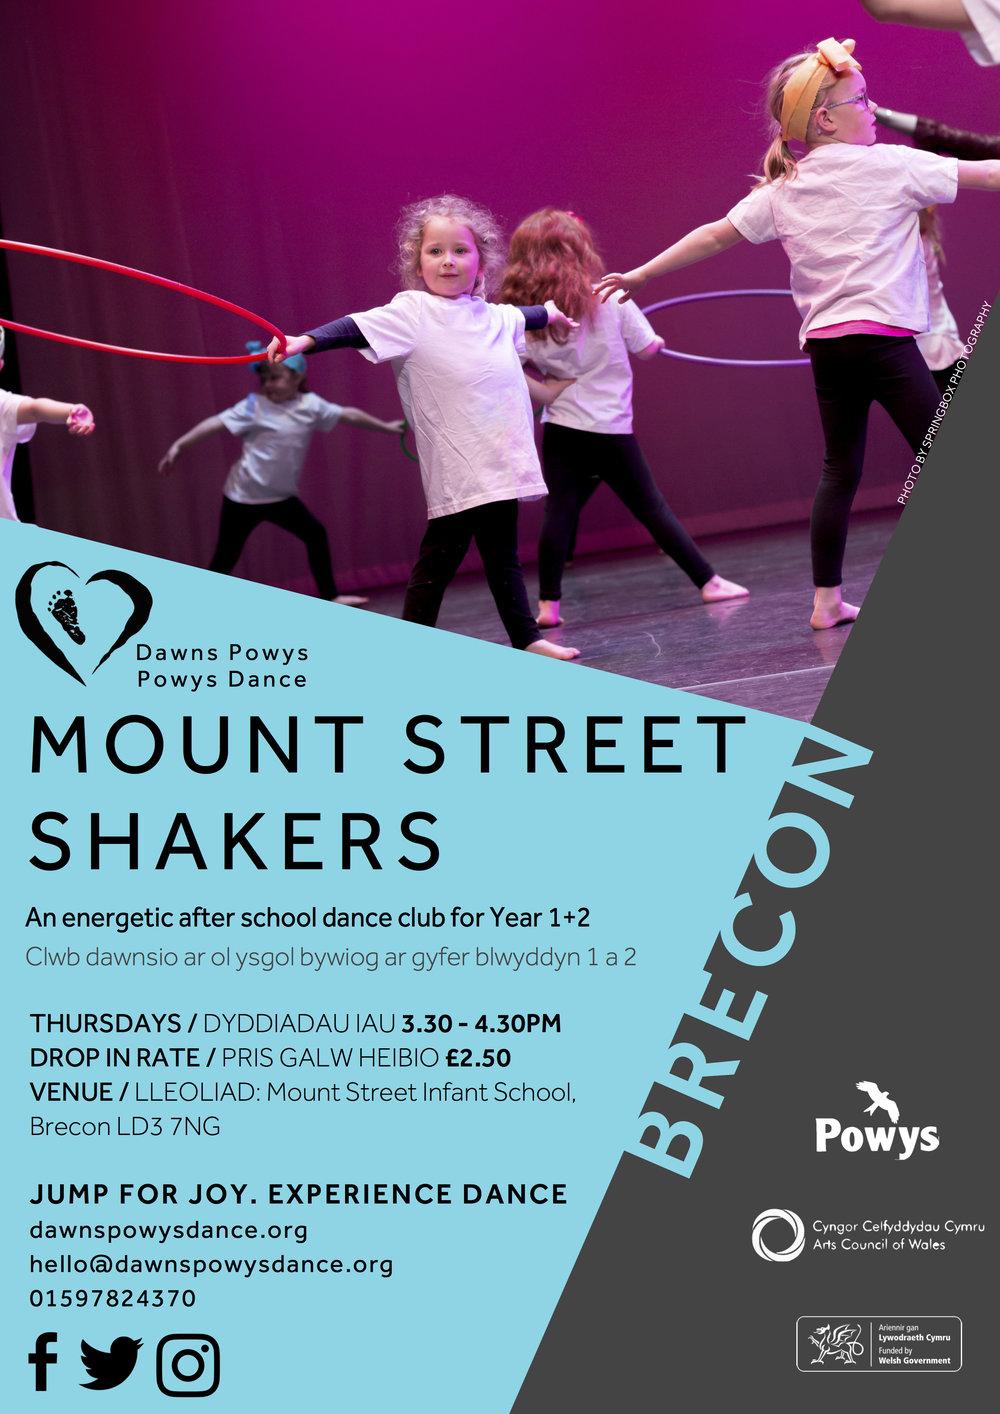 Mount Street Shakers 2019 (1).jpg